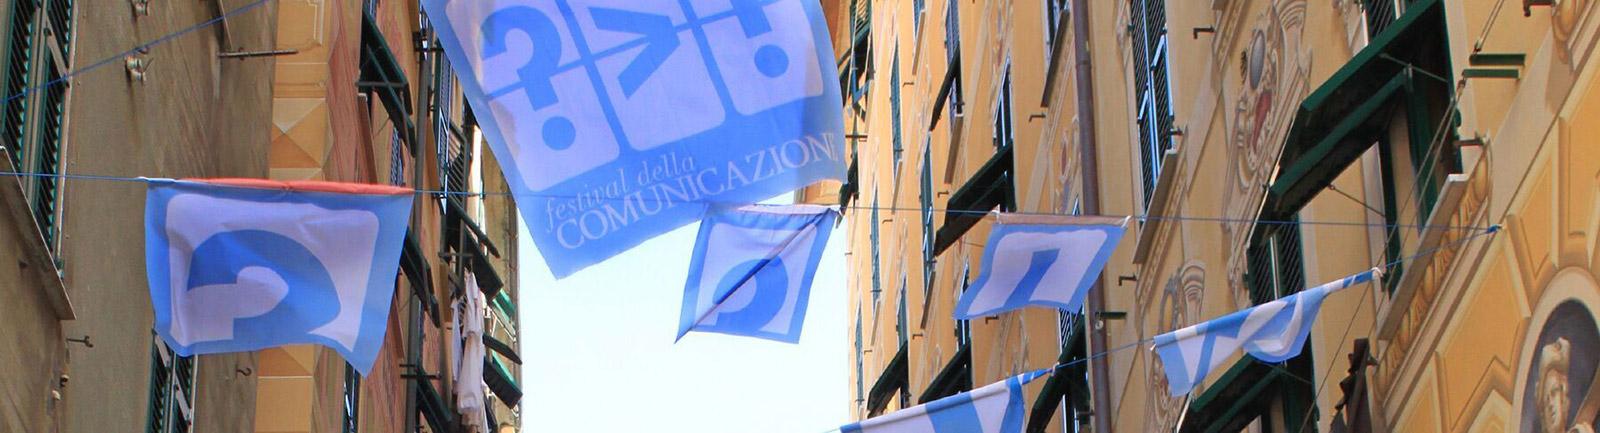 Festival della Comunicazione 2020 – Camogli, 10-11-12-13 Settembre